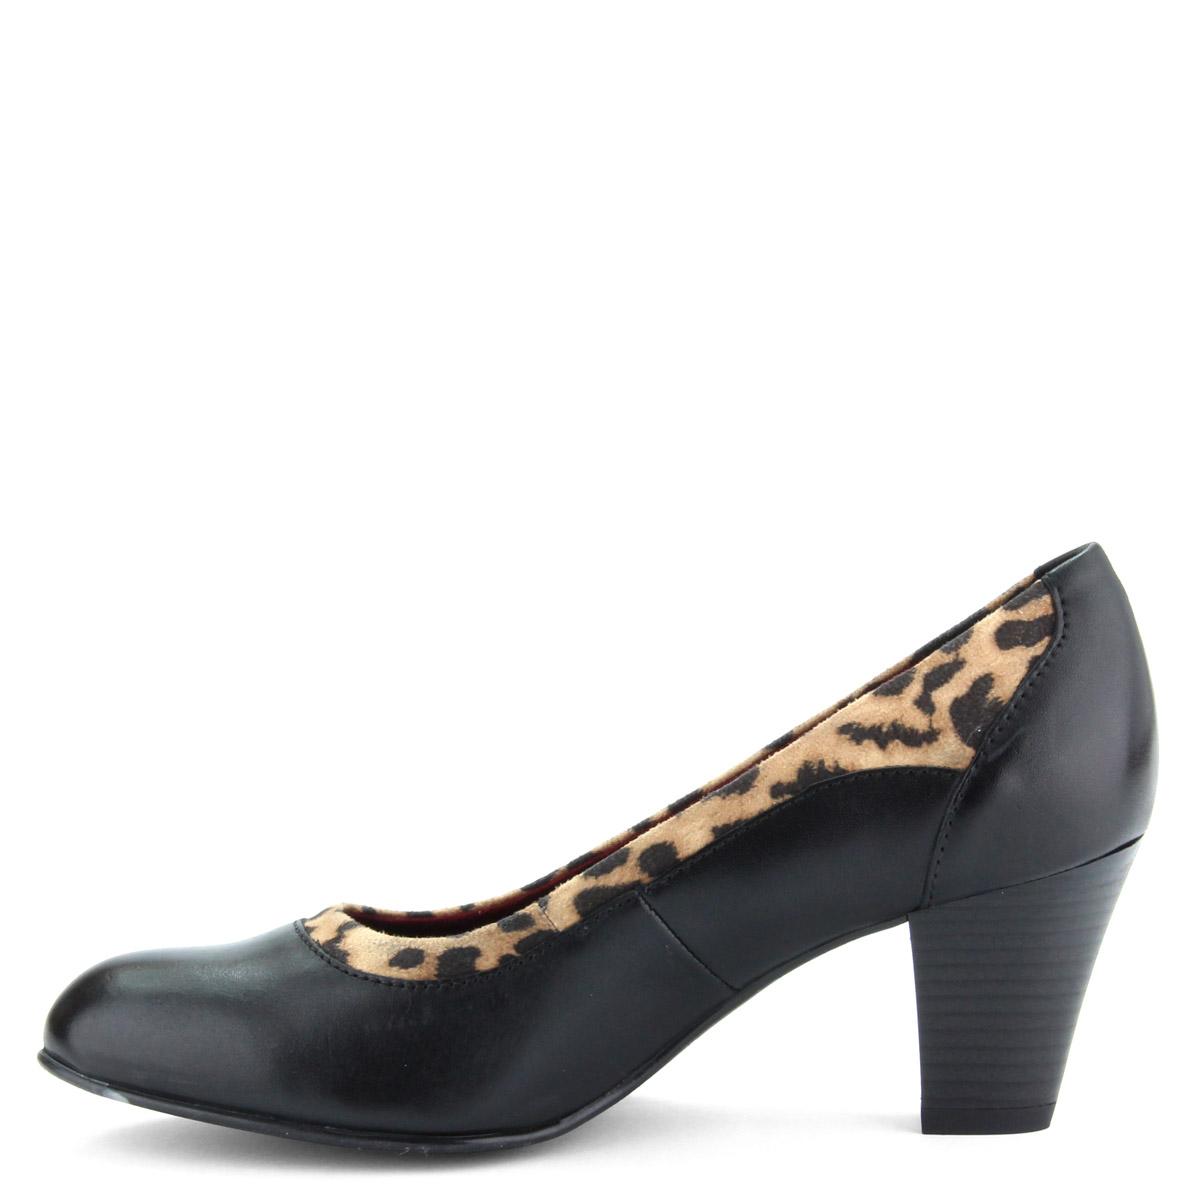 84a86b8772 6,5 cm magas sarokkal készült Jana női cipő G szélességű talppal, bőrből.